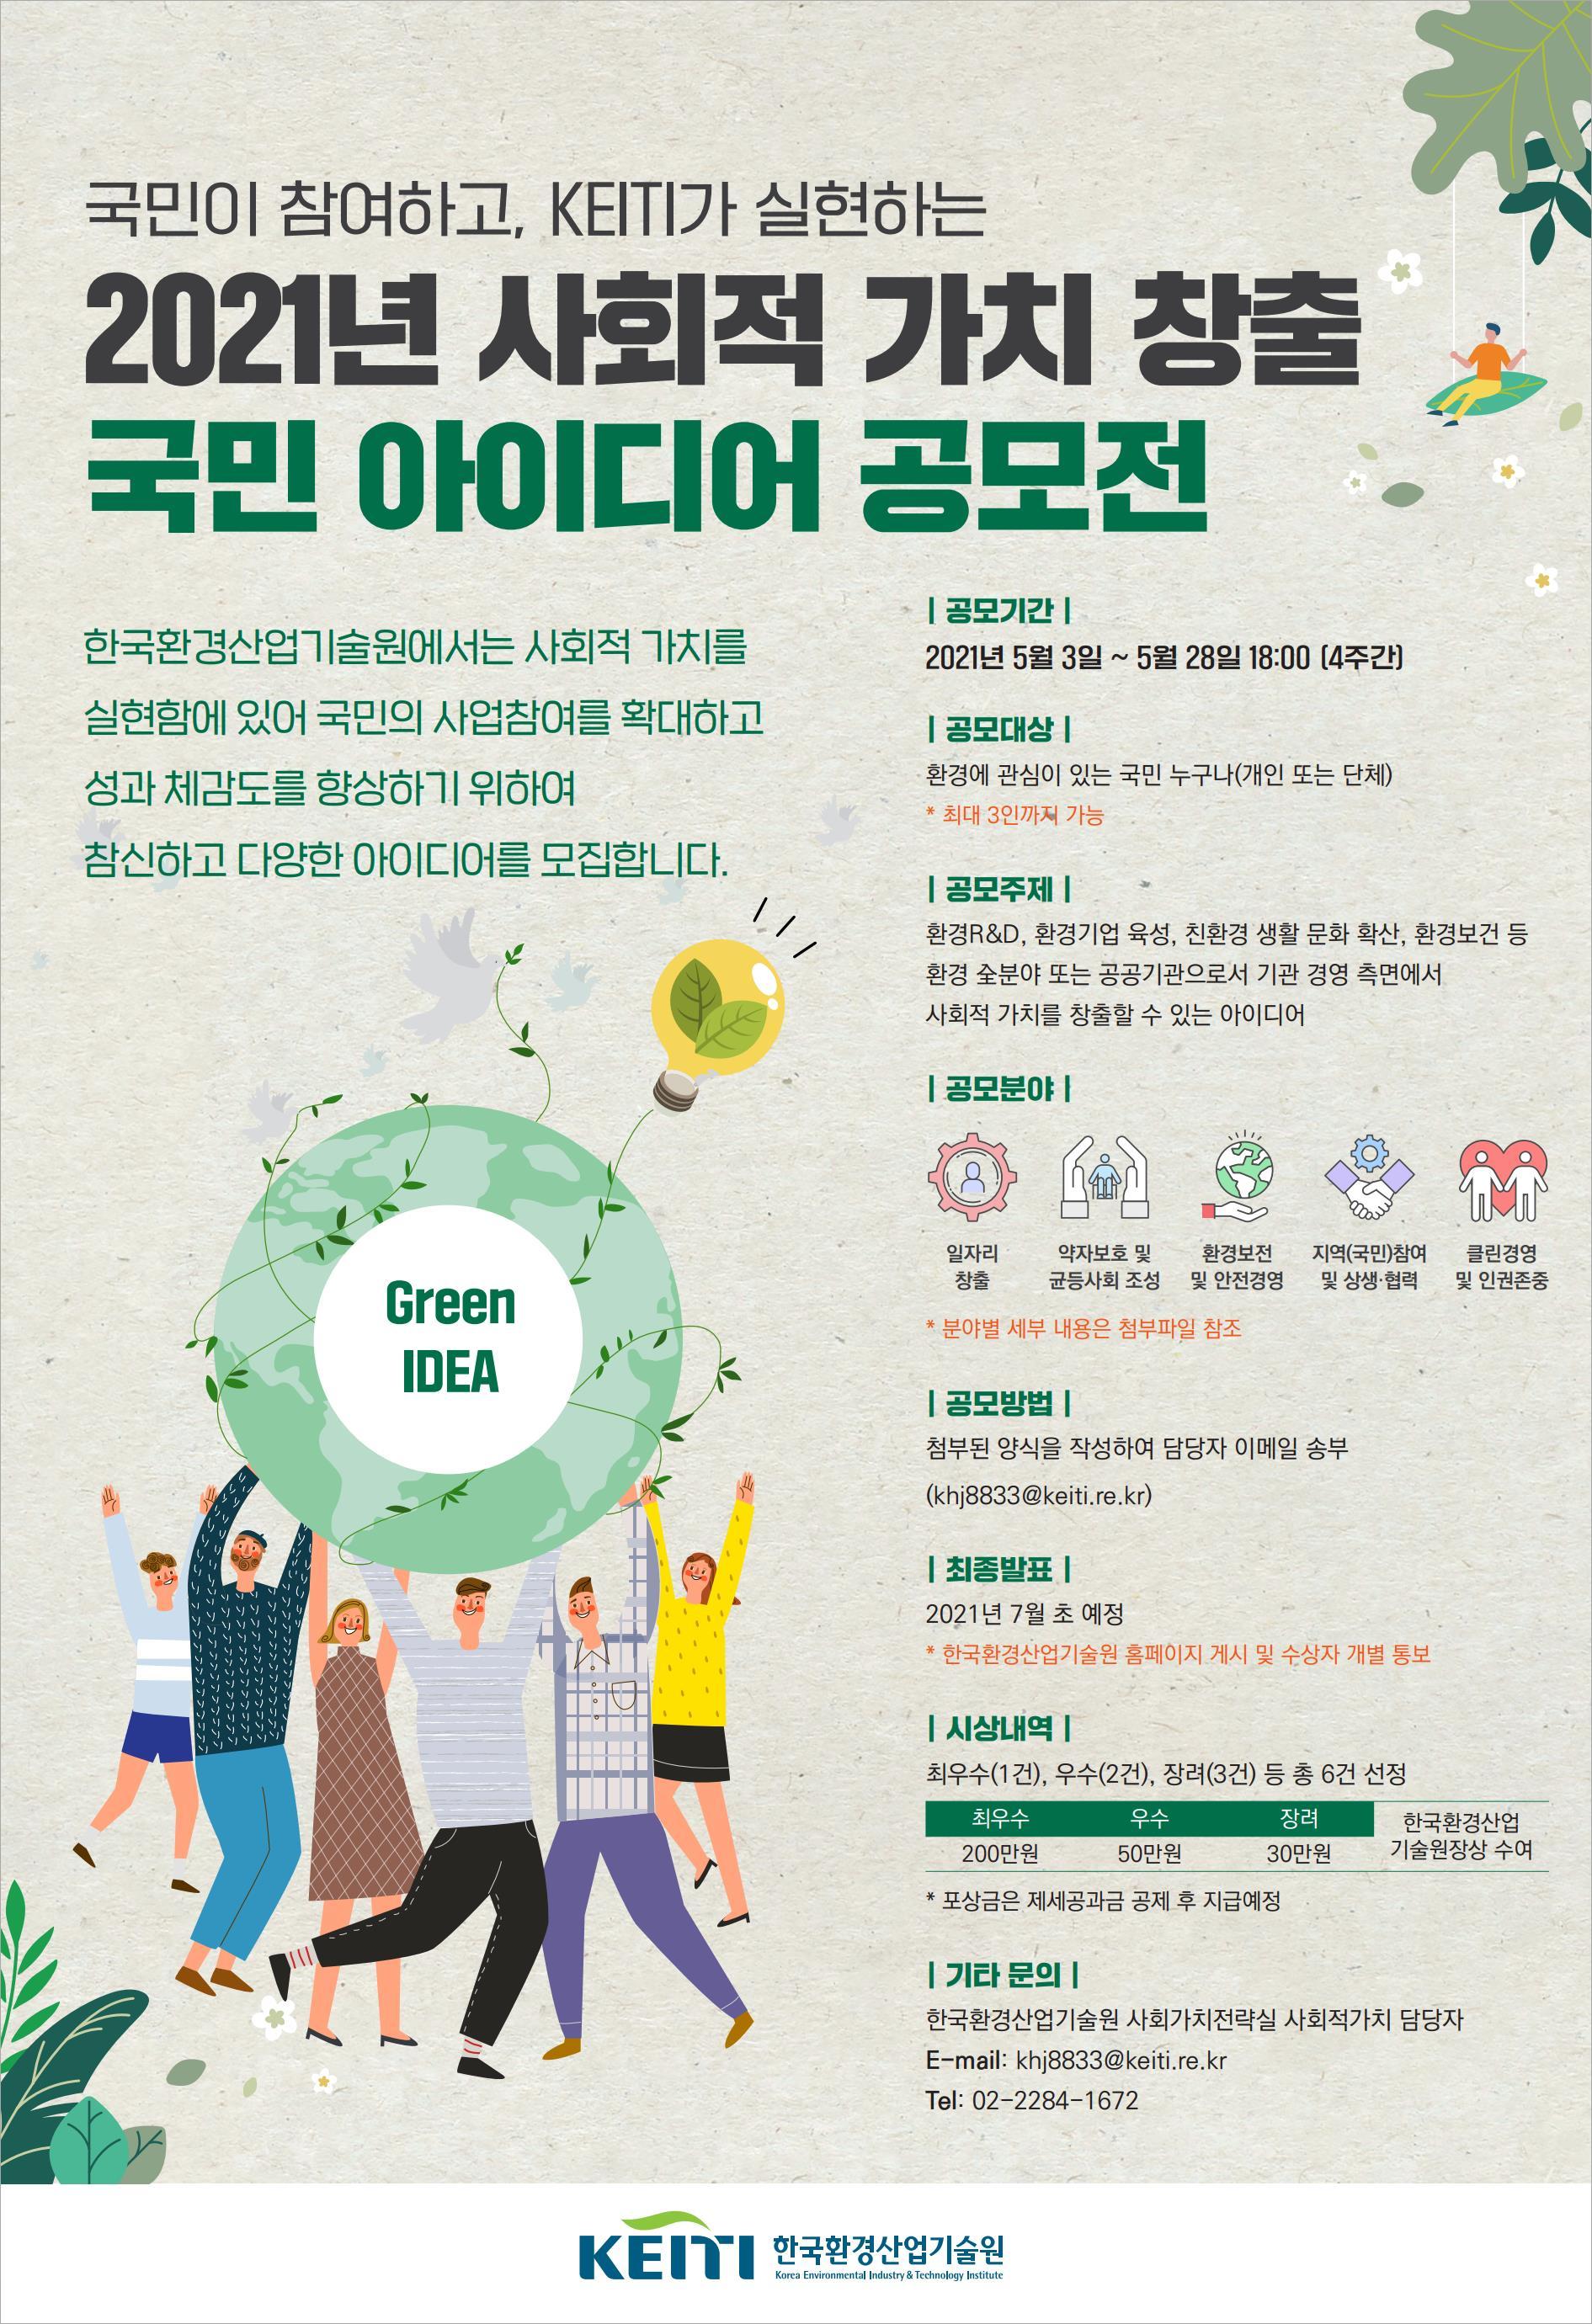 2021년 사회적 가치 창출 국민 아이디어 공모전